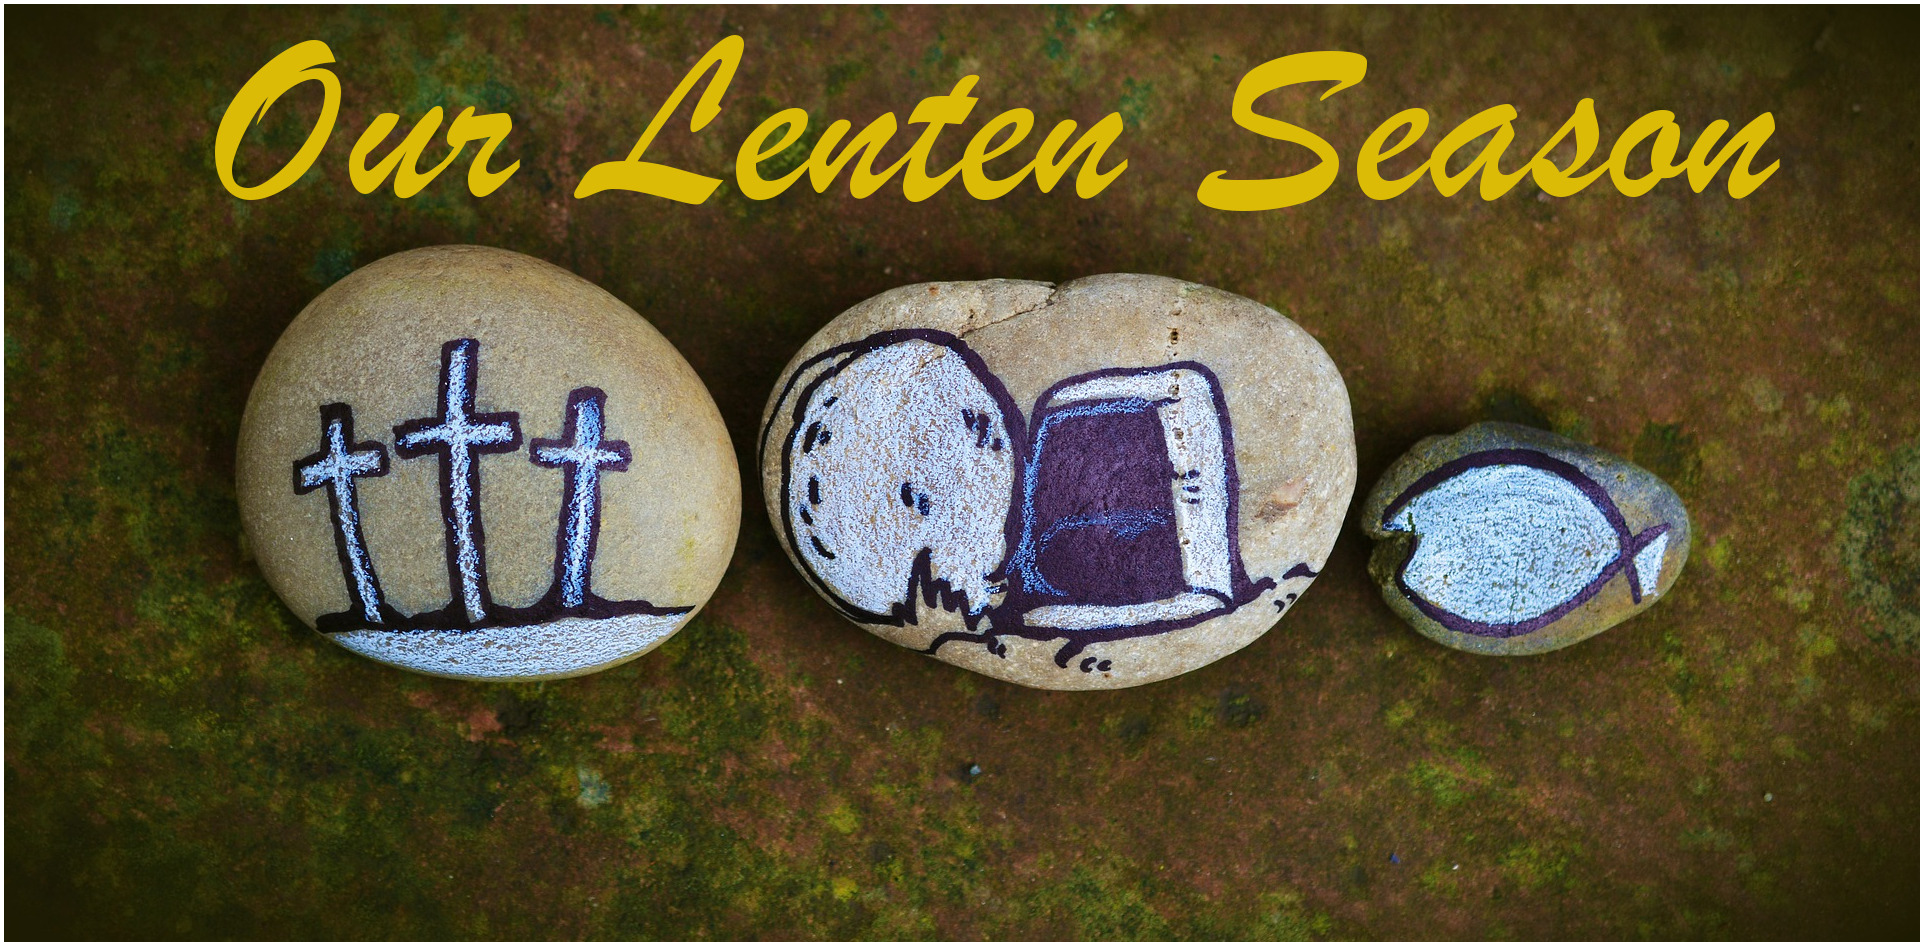 Our 2018 Lenten Season